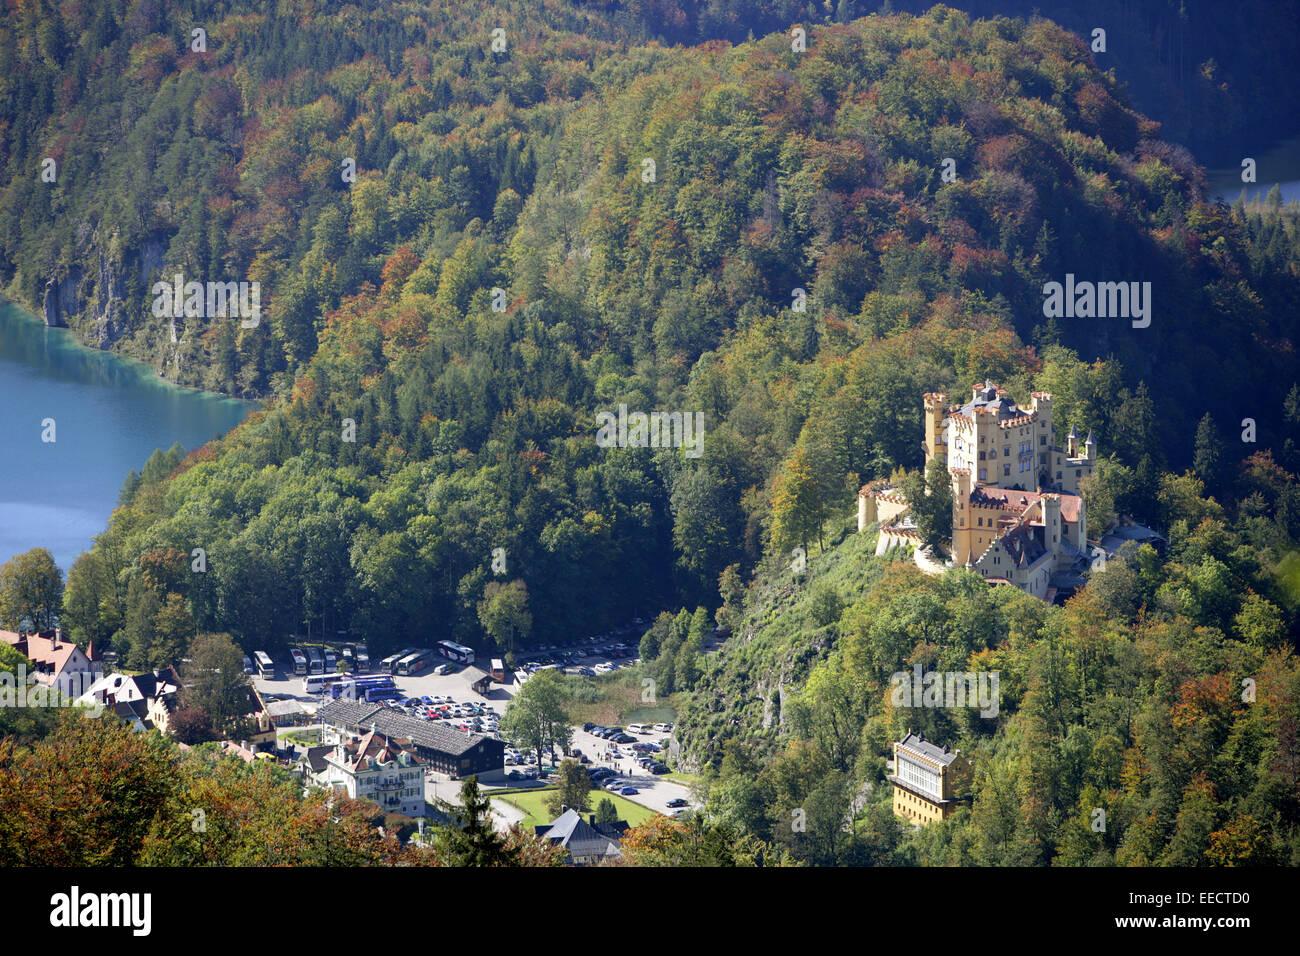 Alpenregion, Architektur, Attraktion, Ausblick, Ausflugsziel, Bauwerk, Europa, Geschichte, Reiseziel, Schloss, Sehenswuerdigkeit - Stock Image